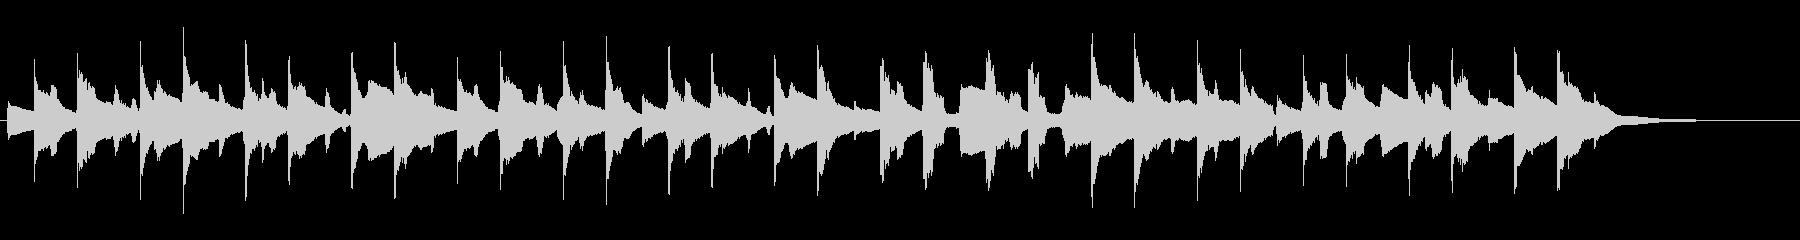 ギターピアニカほのぼの系の未再生の波形